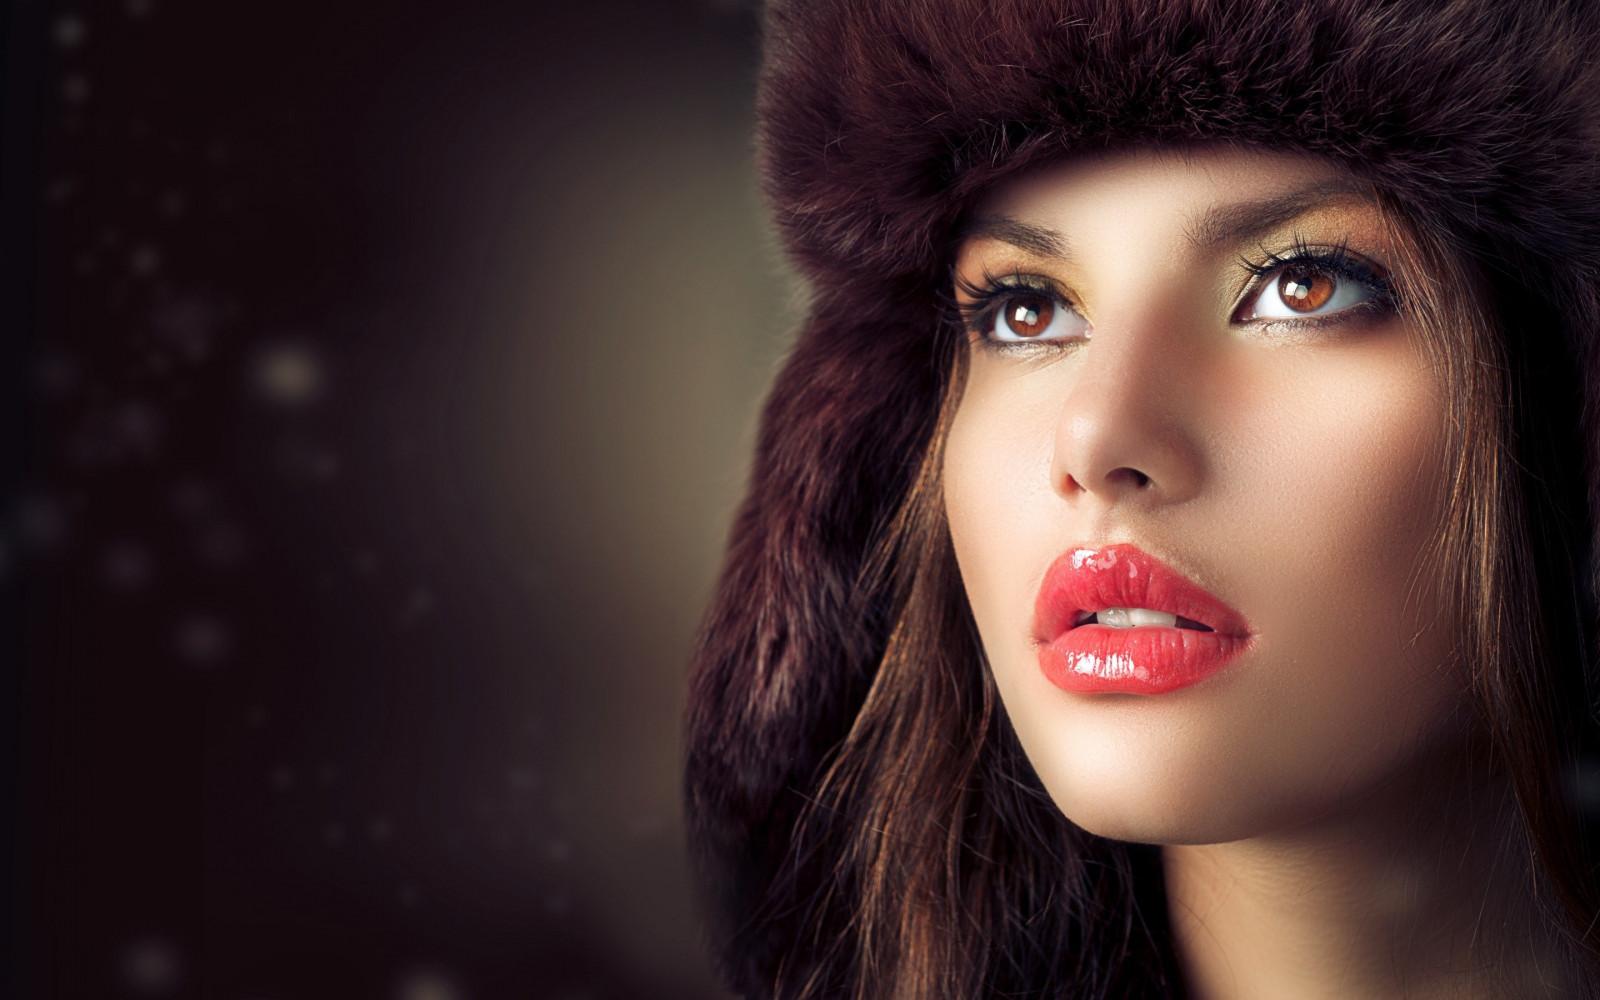 Wallpaper : Face, Black, Women, Model, Long Hair, Brunette